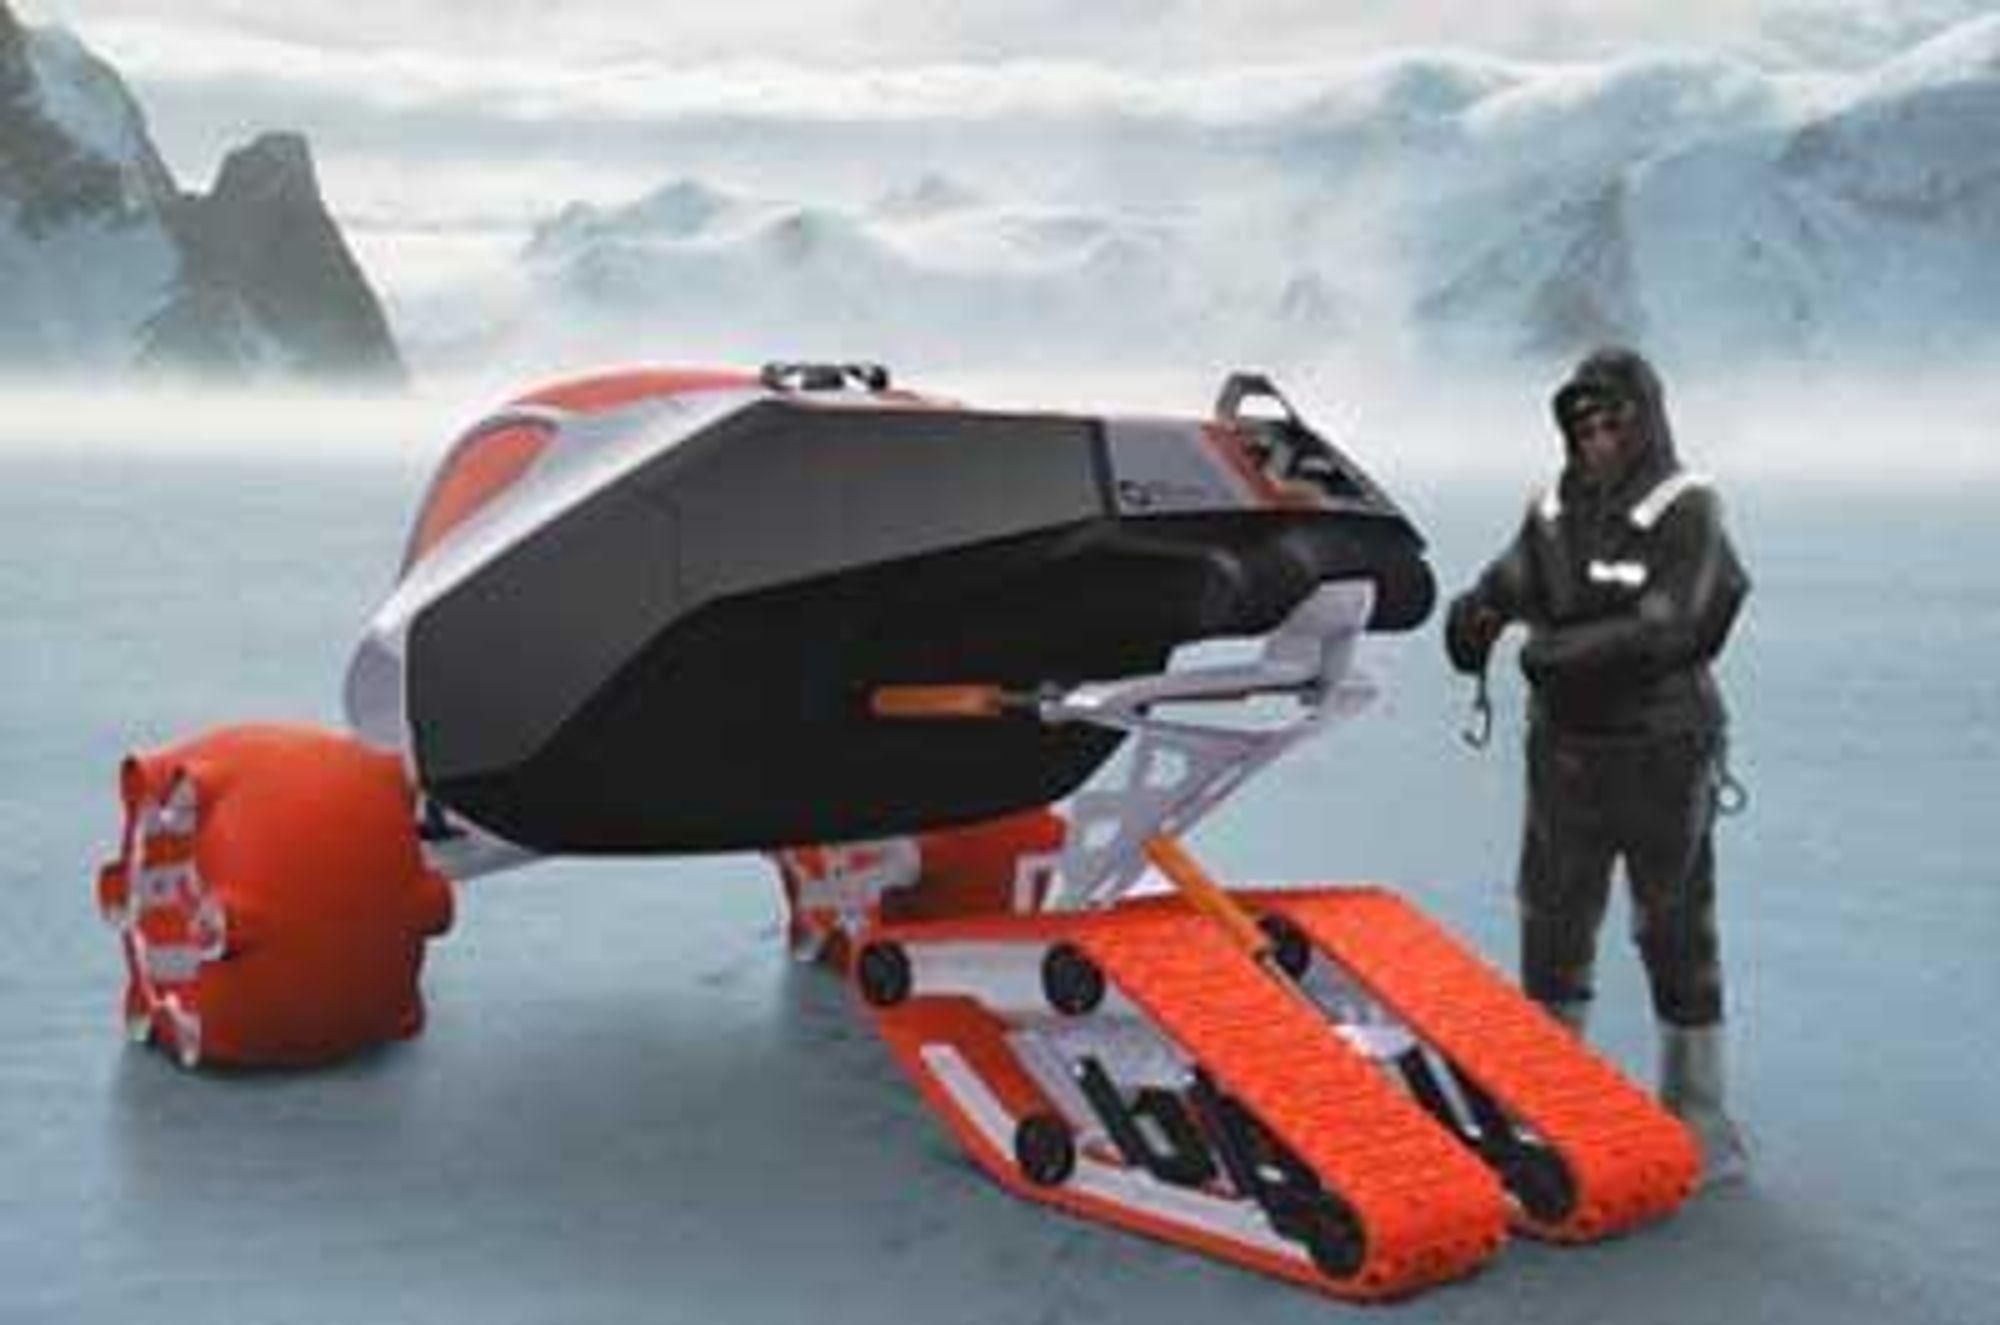 Er isen usikker, sender man bare ut en liten stifinner som sjekker forholdene før komfobilen kommer etter.